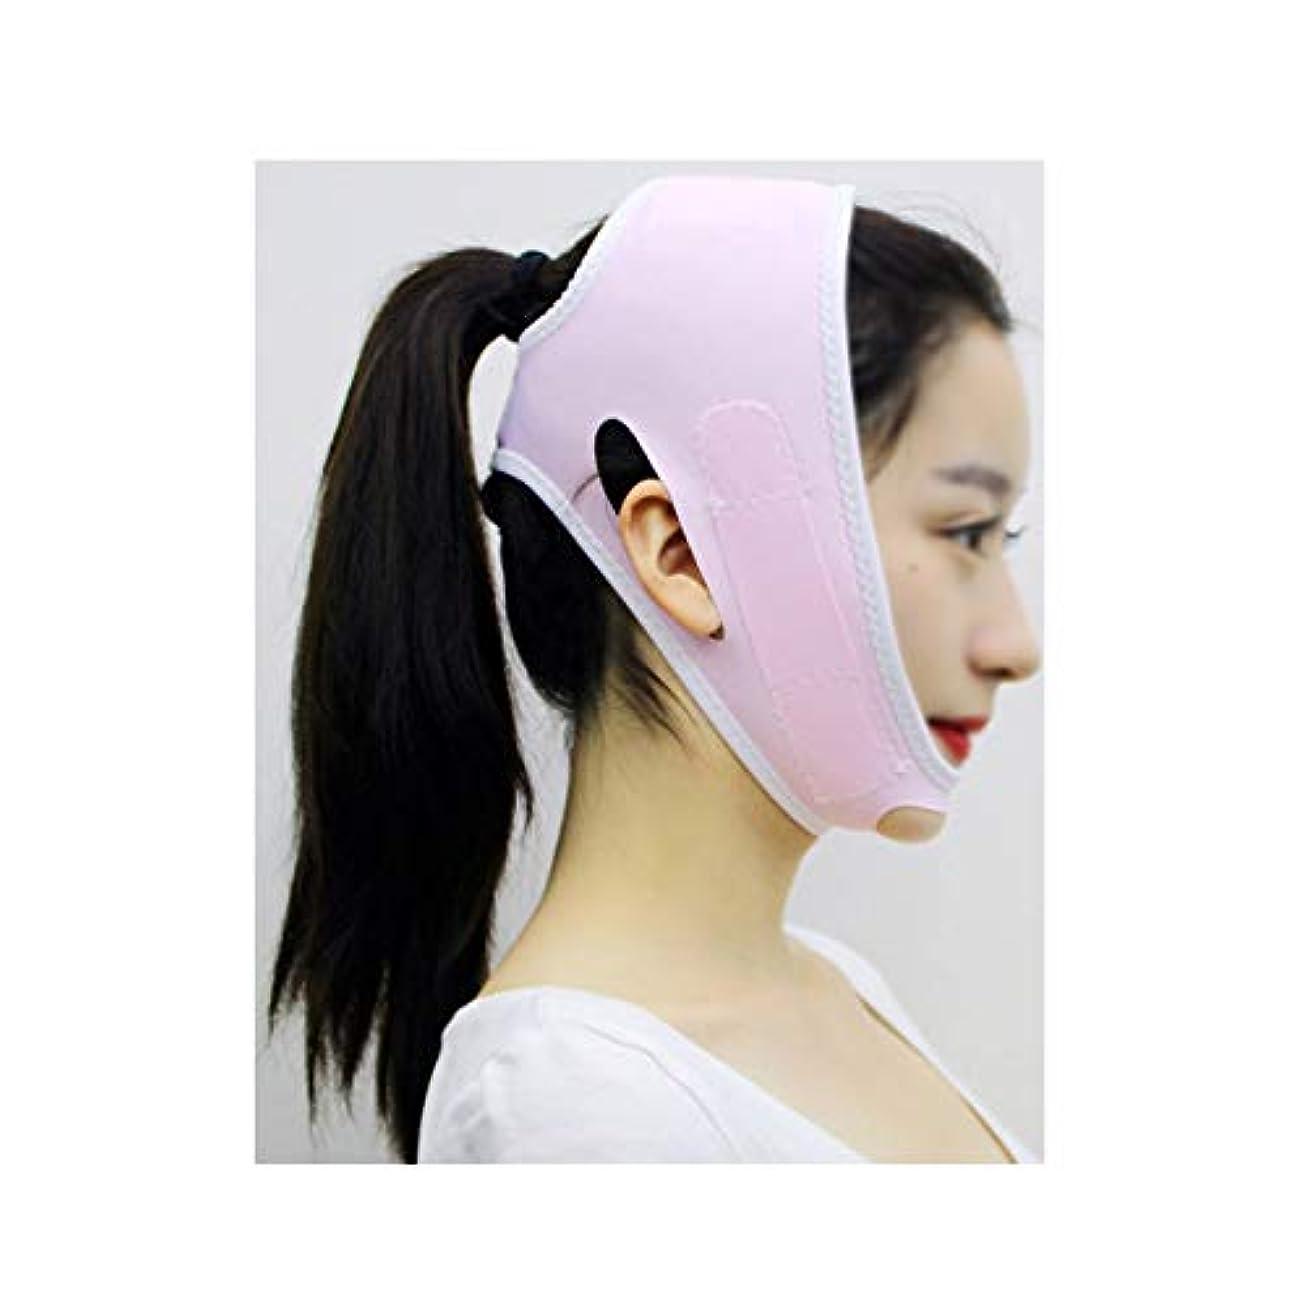 ボーダー子猫容器GLJJQMY 包帯ヘッドギアマスクの顔Vの顔の薄い顔のアーティファクトプラスチック美容ゴムバンドフェイスリフトネックリフト後薄い顔マスクあごベルトの回復 顔用整形マスク (Color : Pink)